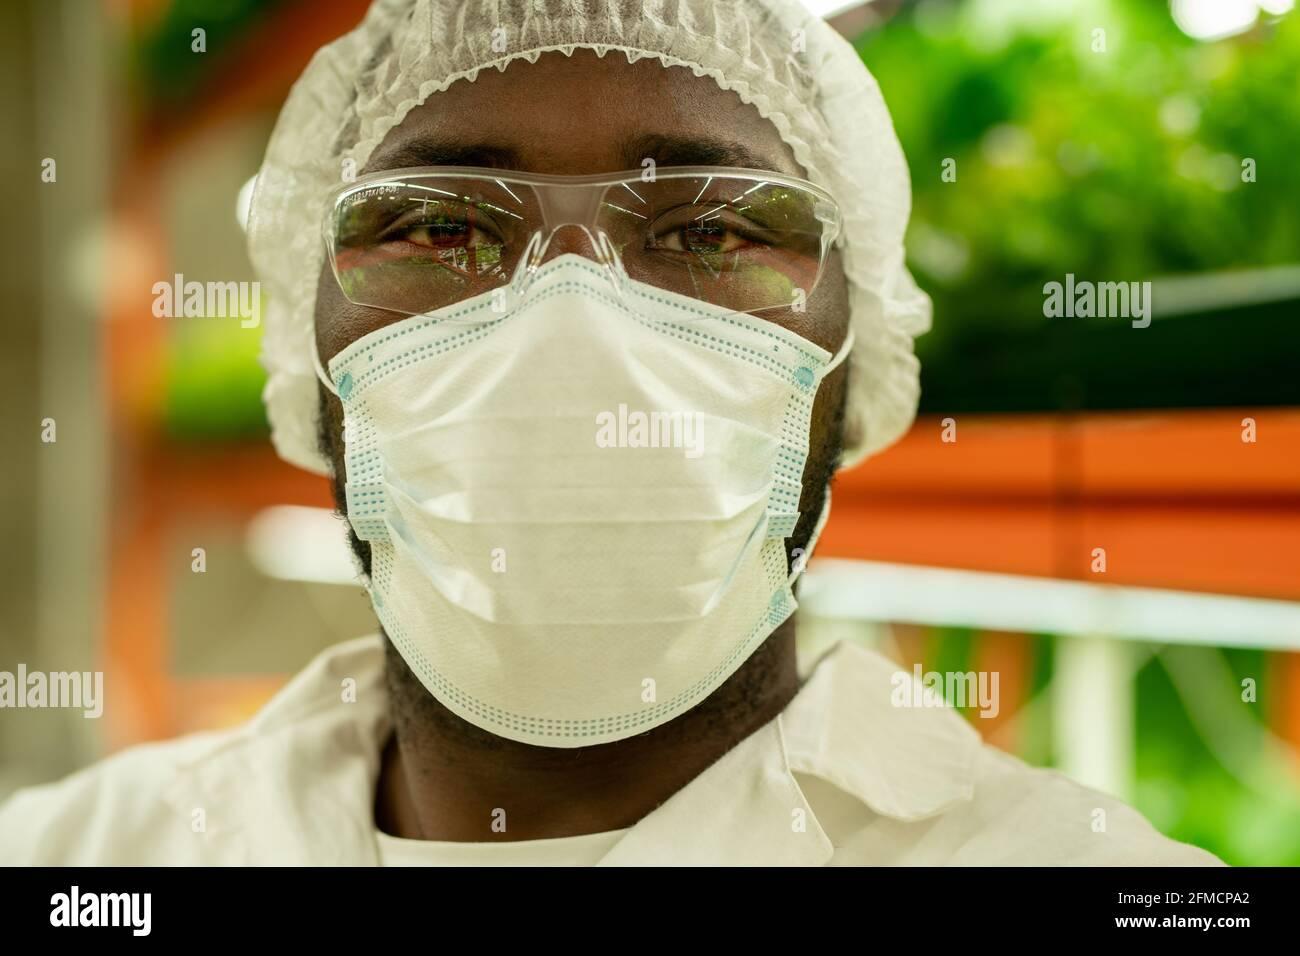 Portrait d'un jeune spécialiste de la culture afro-américaine sérieux en masque, lunettes et casquette debout contre le plateau vertical de la ferme Banque D'Images